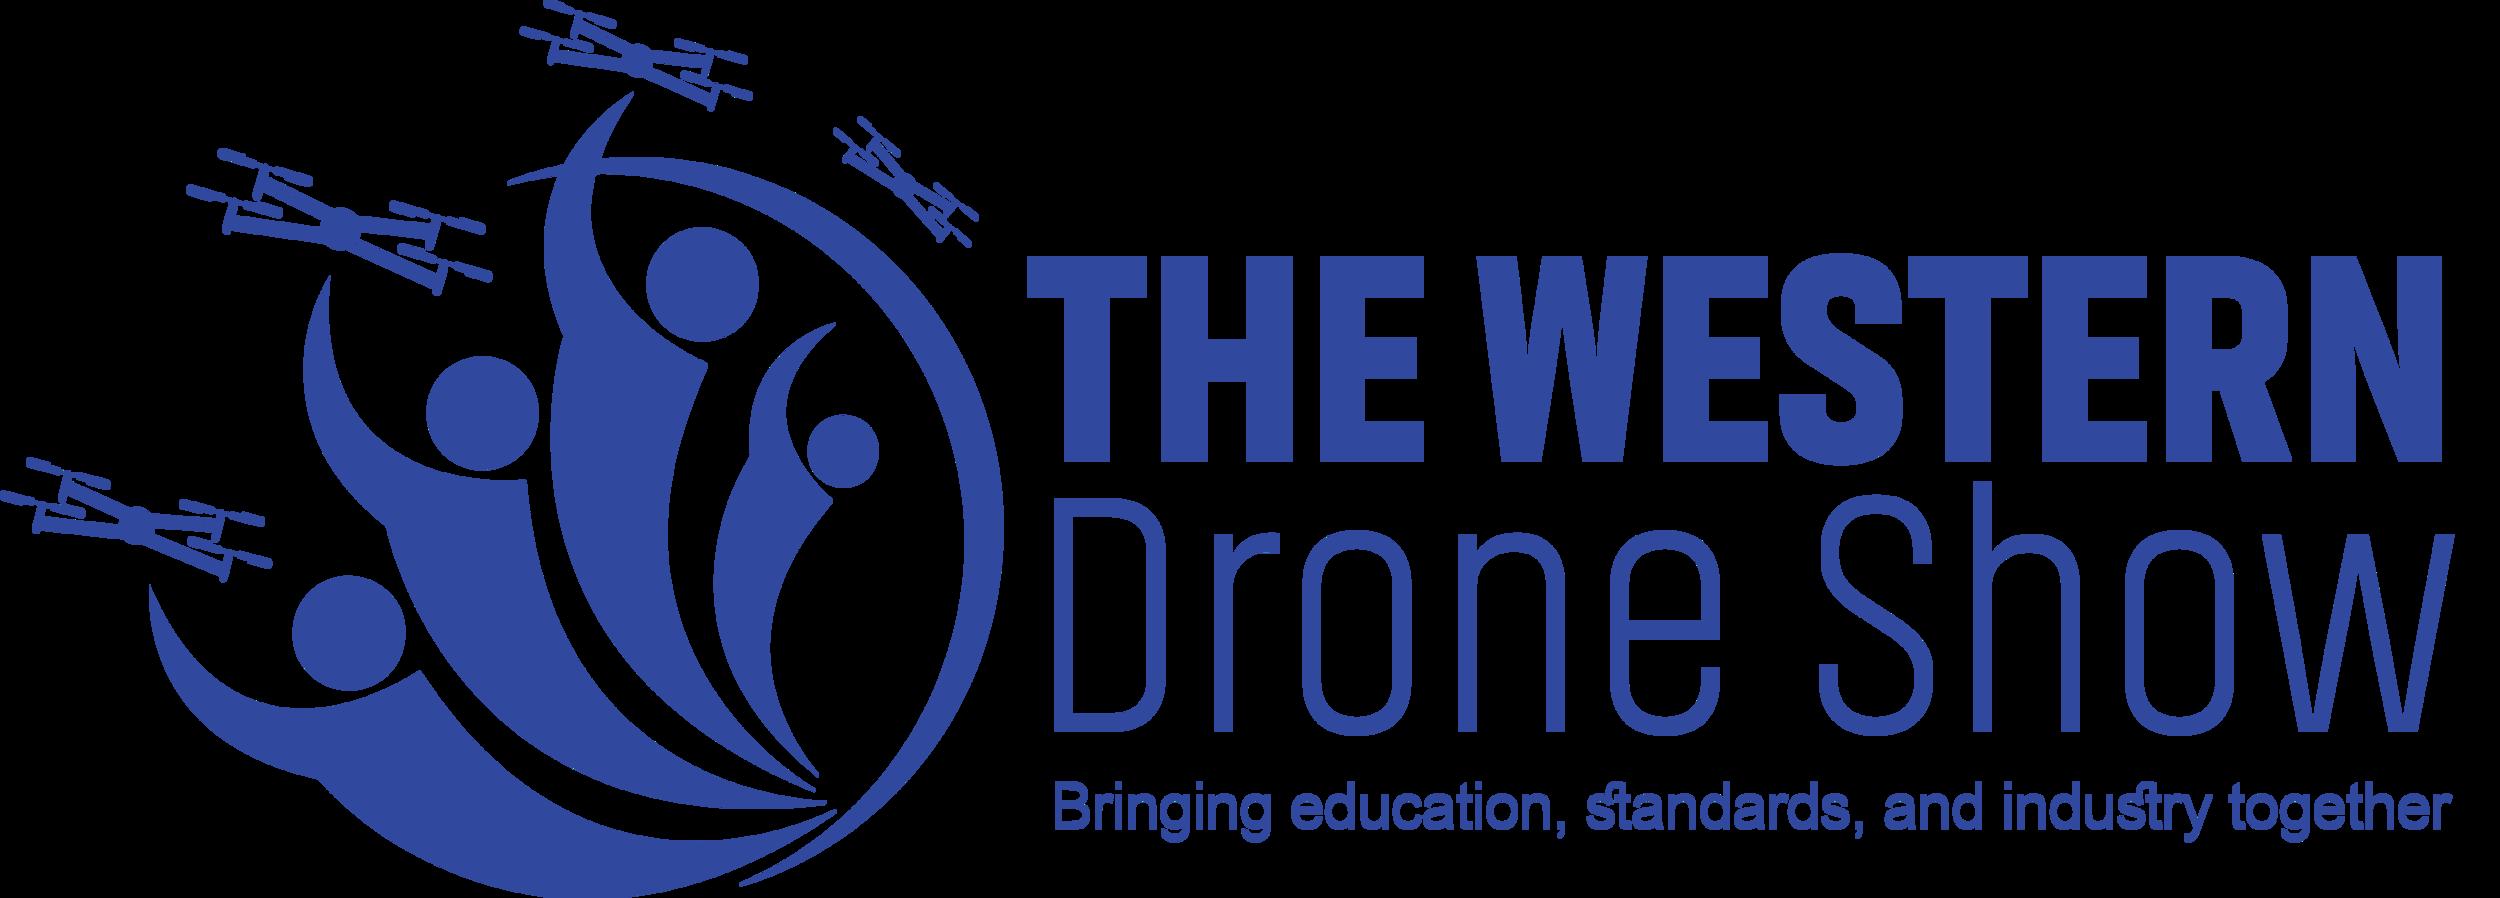 Western Drone Show Logo-Blue